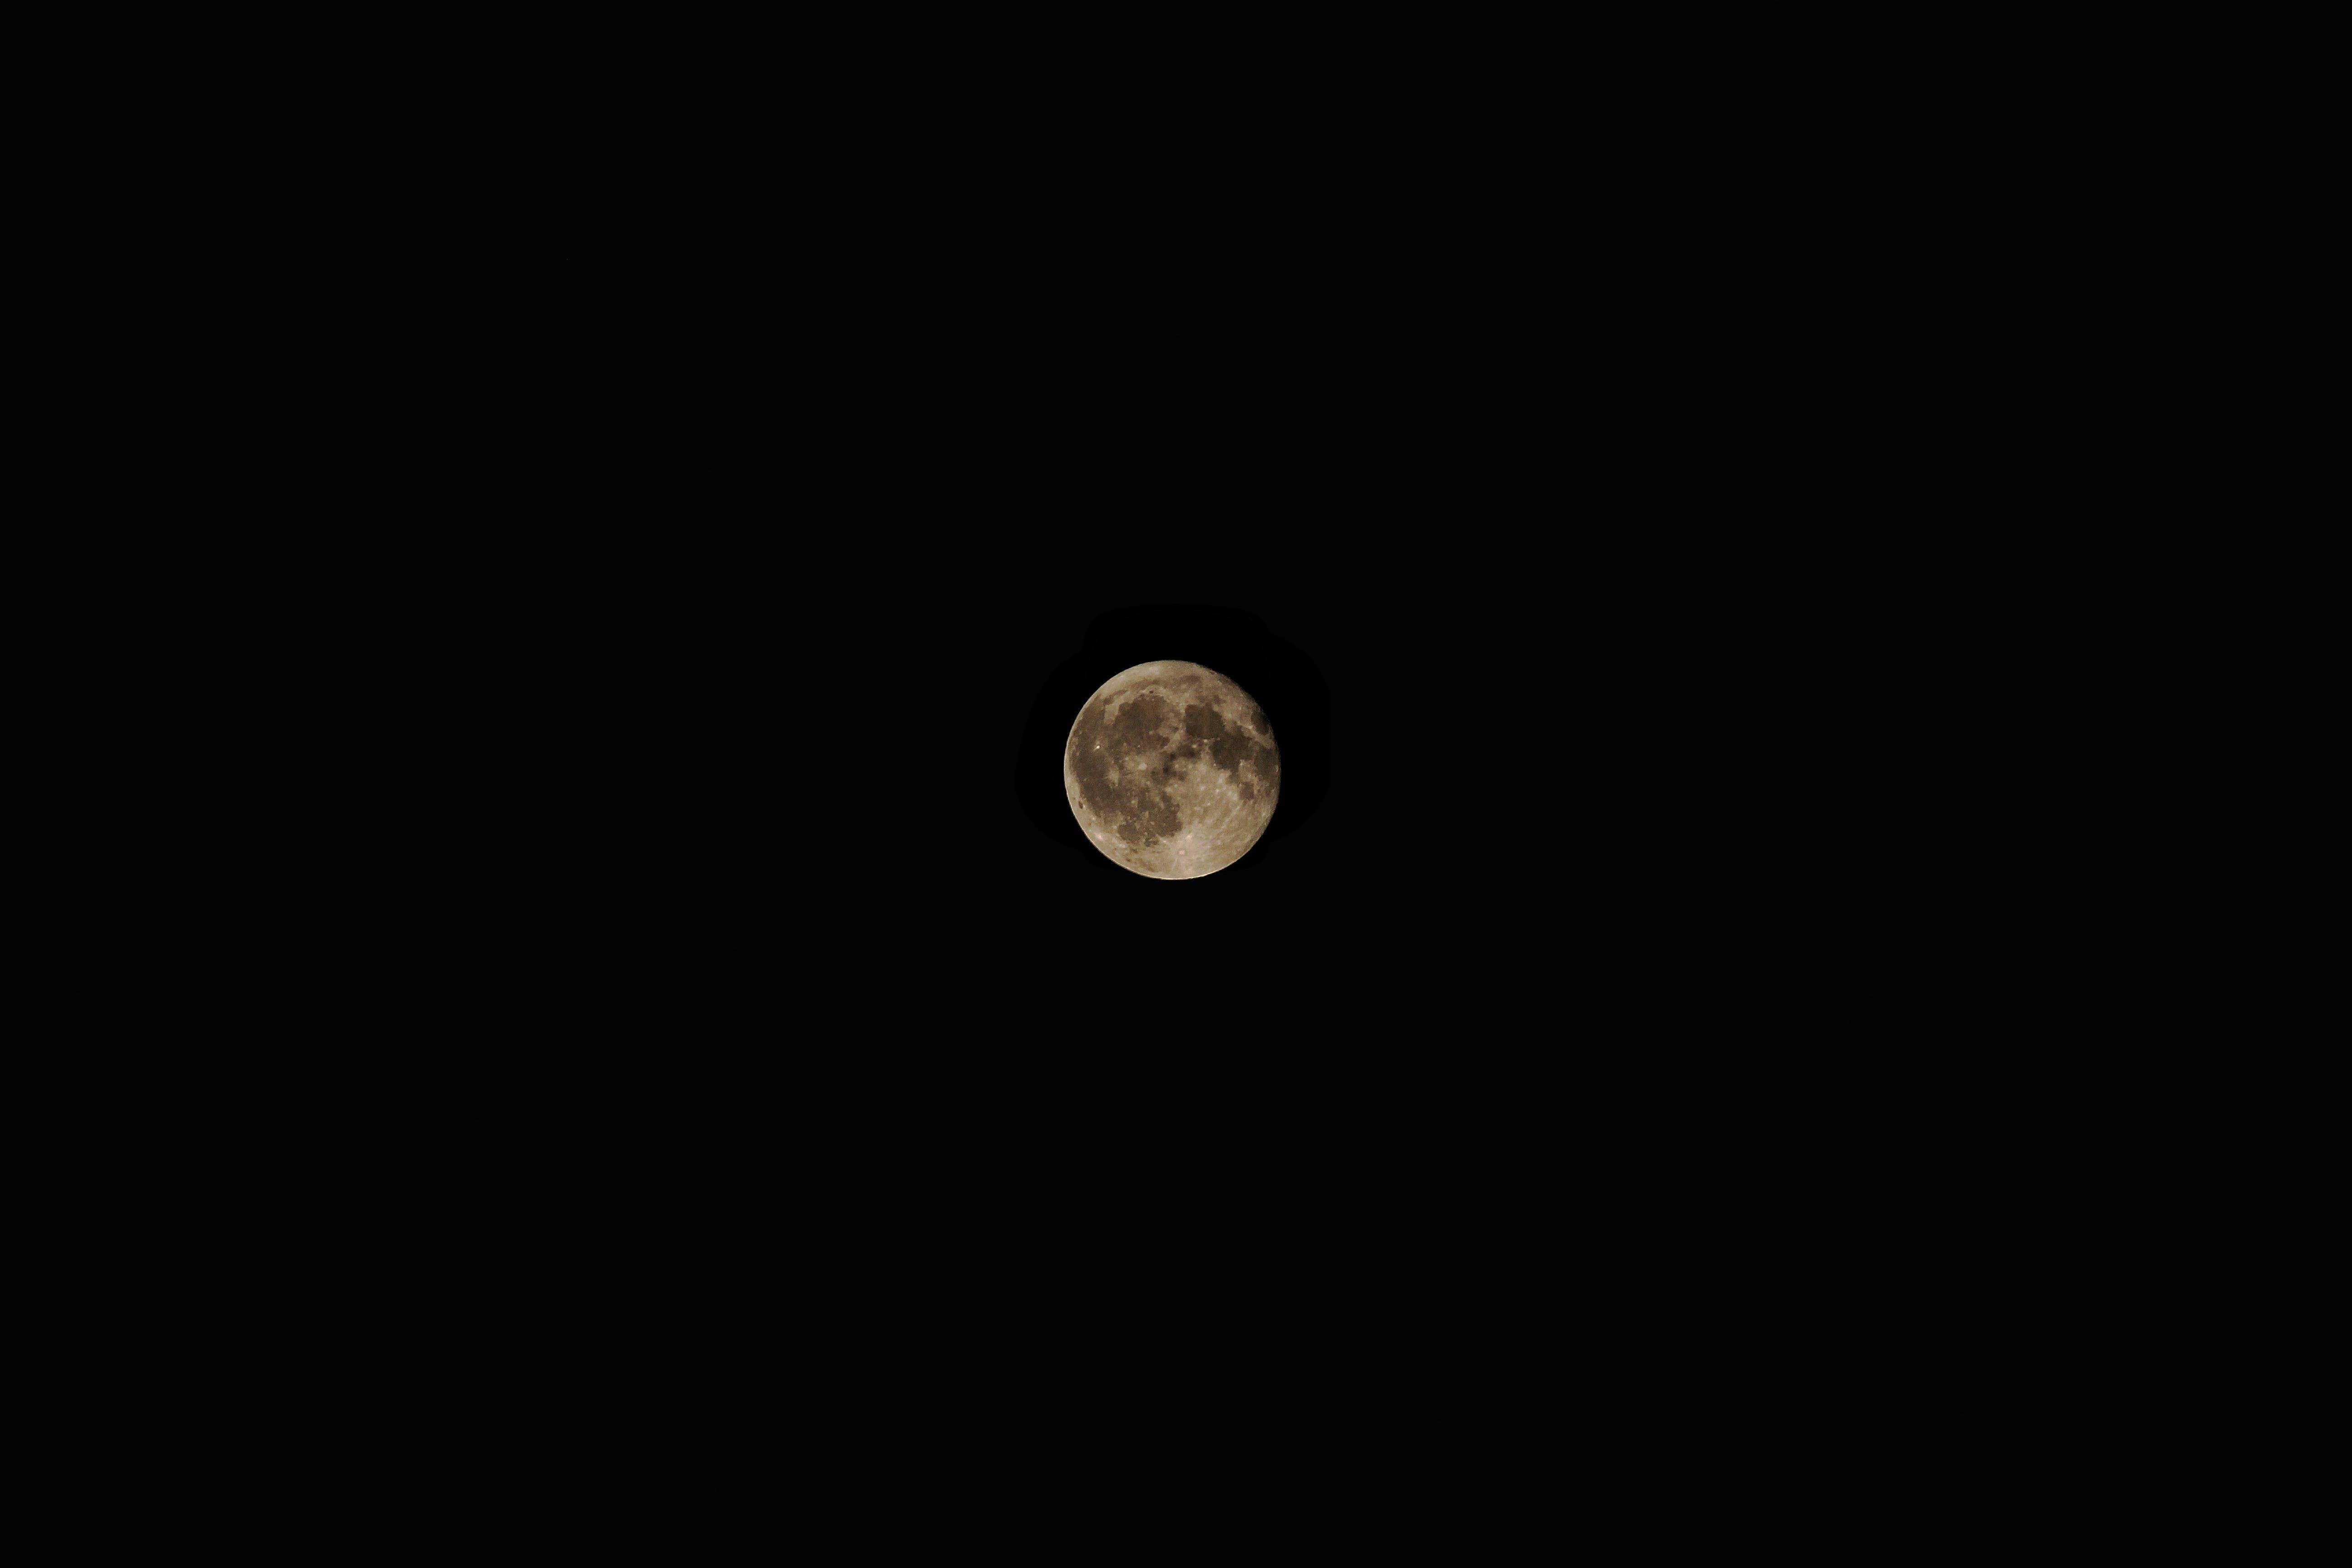 Immagine gratuita di astronomia, chiaro di luna, luna, luna piena